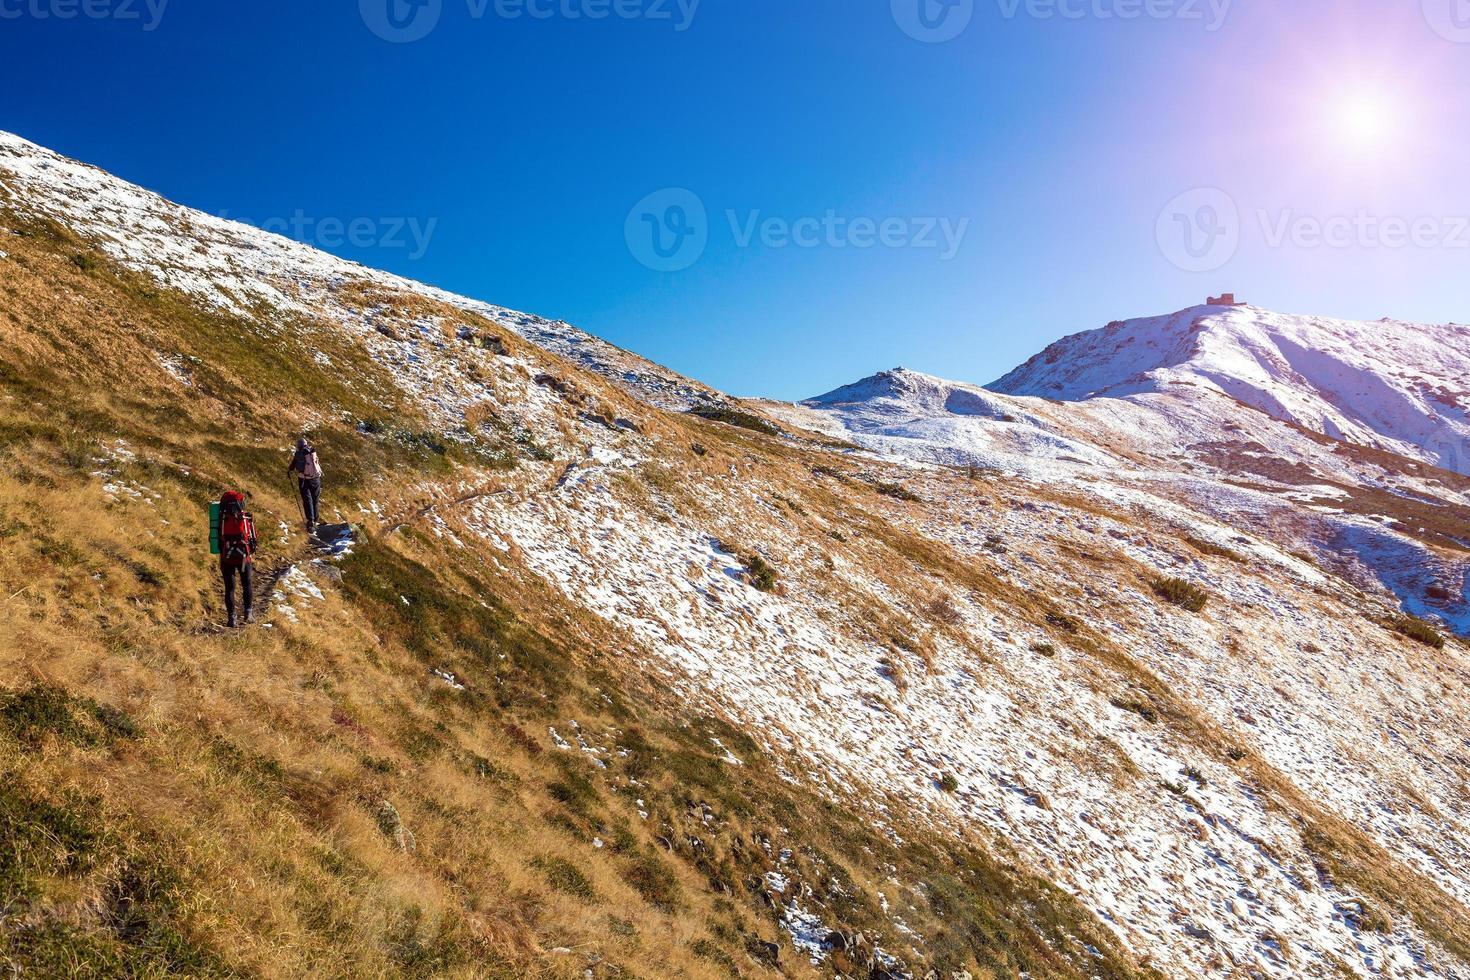 grupo de vista de inverno montanha trekkers subindo na trilha foto